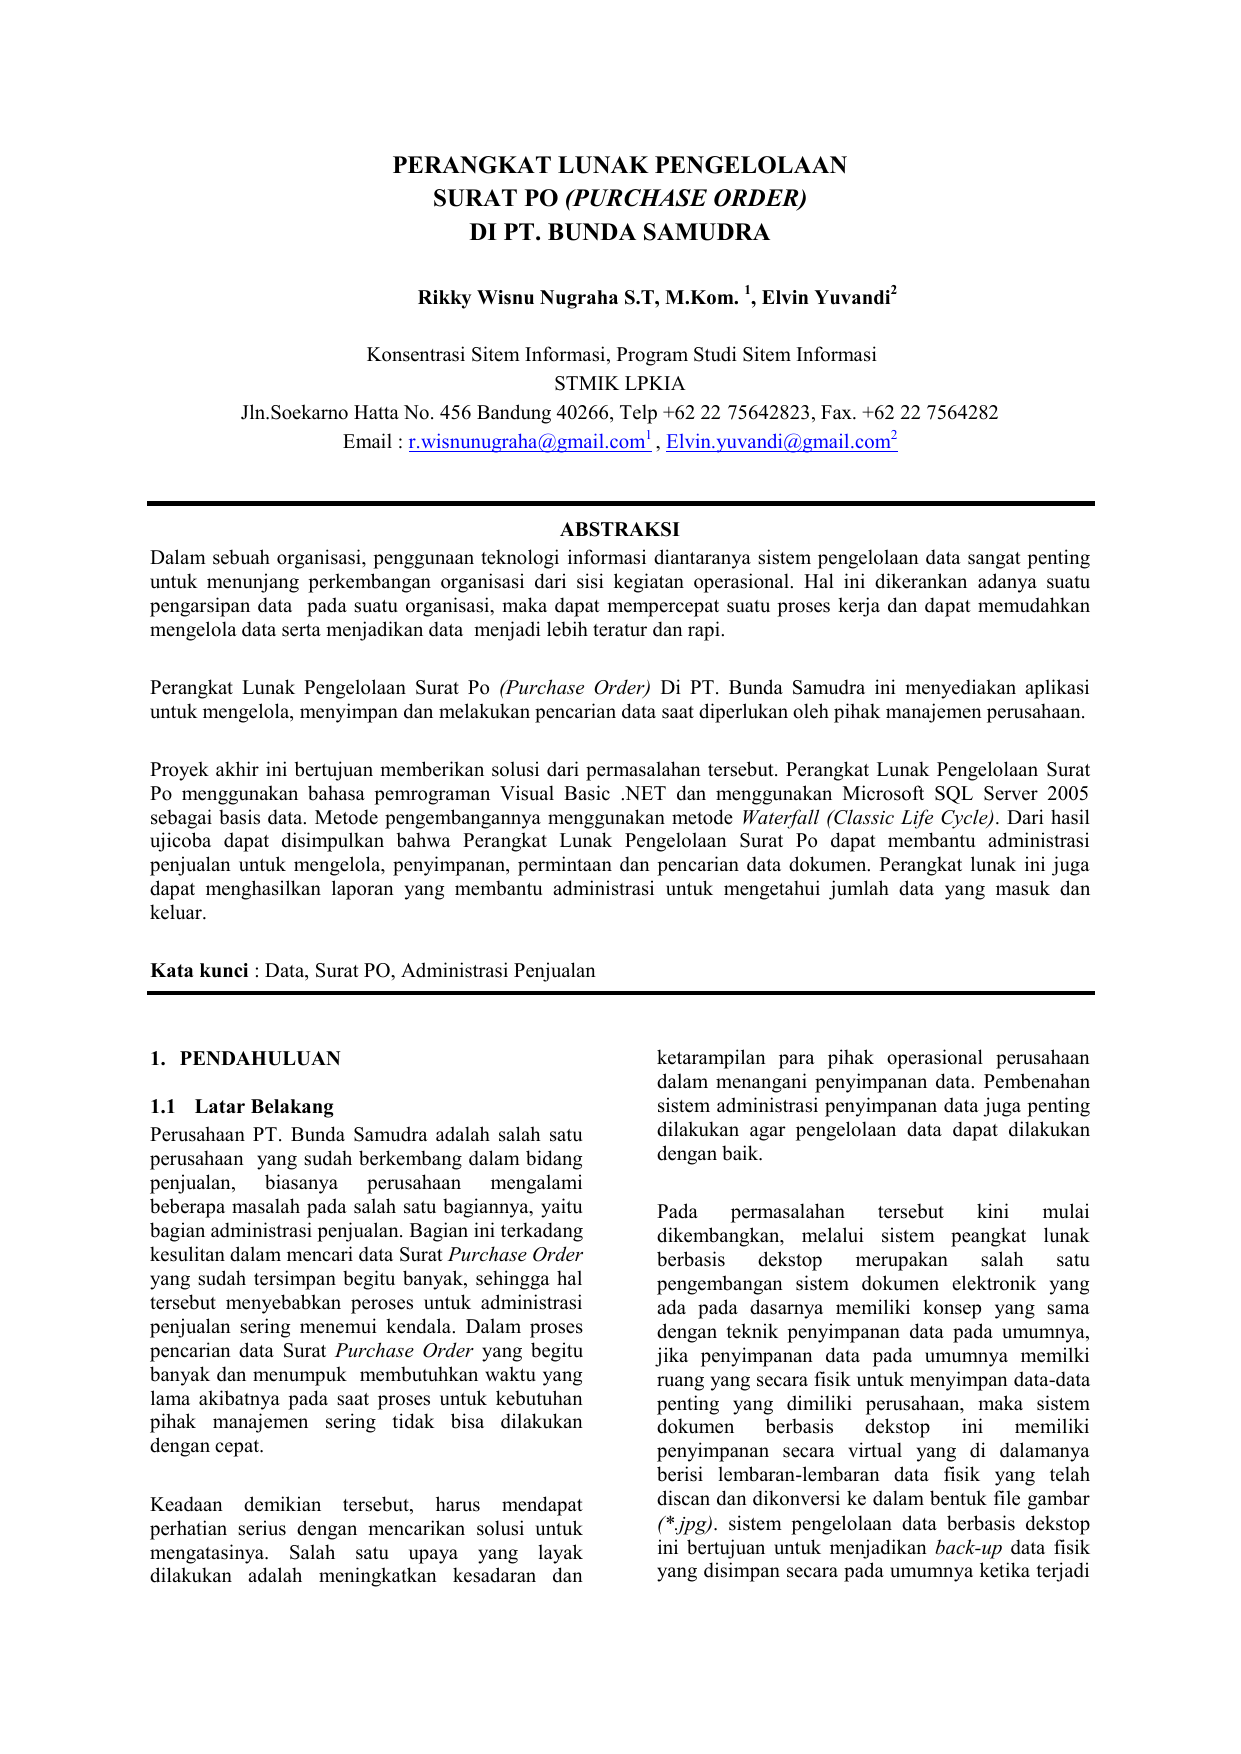 Perangkat Lunak Pengelolaan Surat Po Purchase Order Di Pt